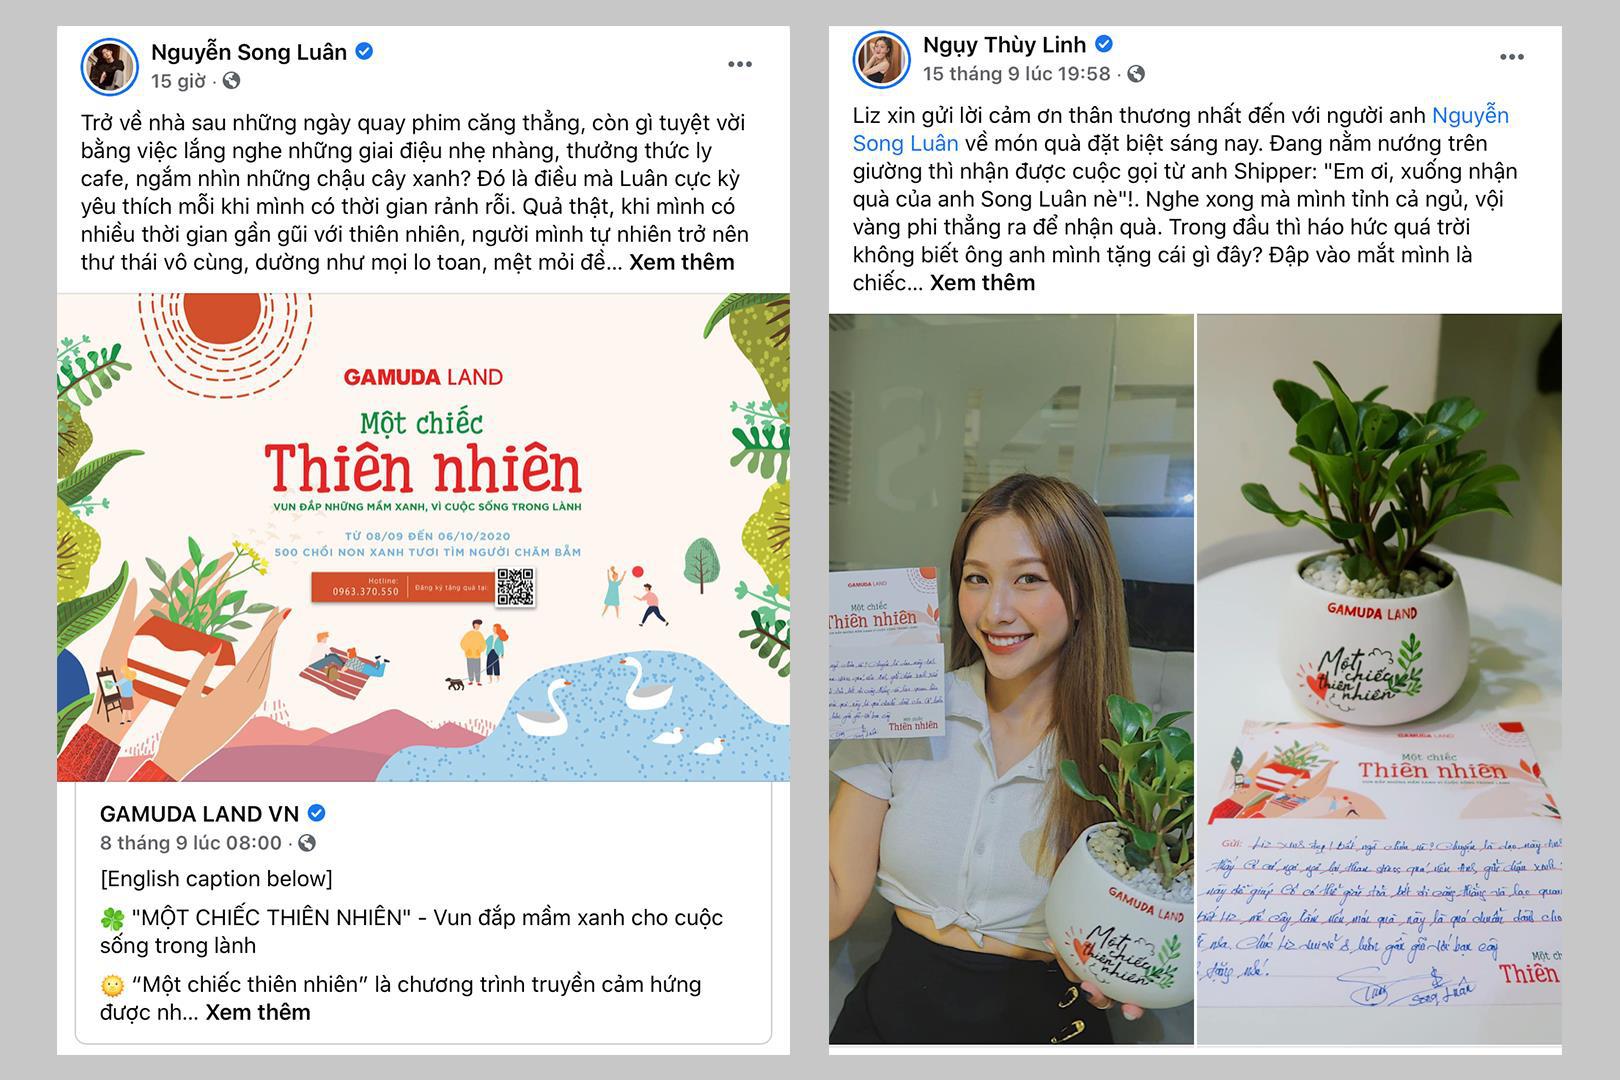 """Sao Việt hào hứng tham gia chiến dịch truyền cảm hứng siêu cute """"Một chiếc thiên nhiên"""" - Ảnh 4."""